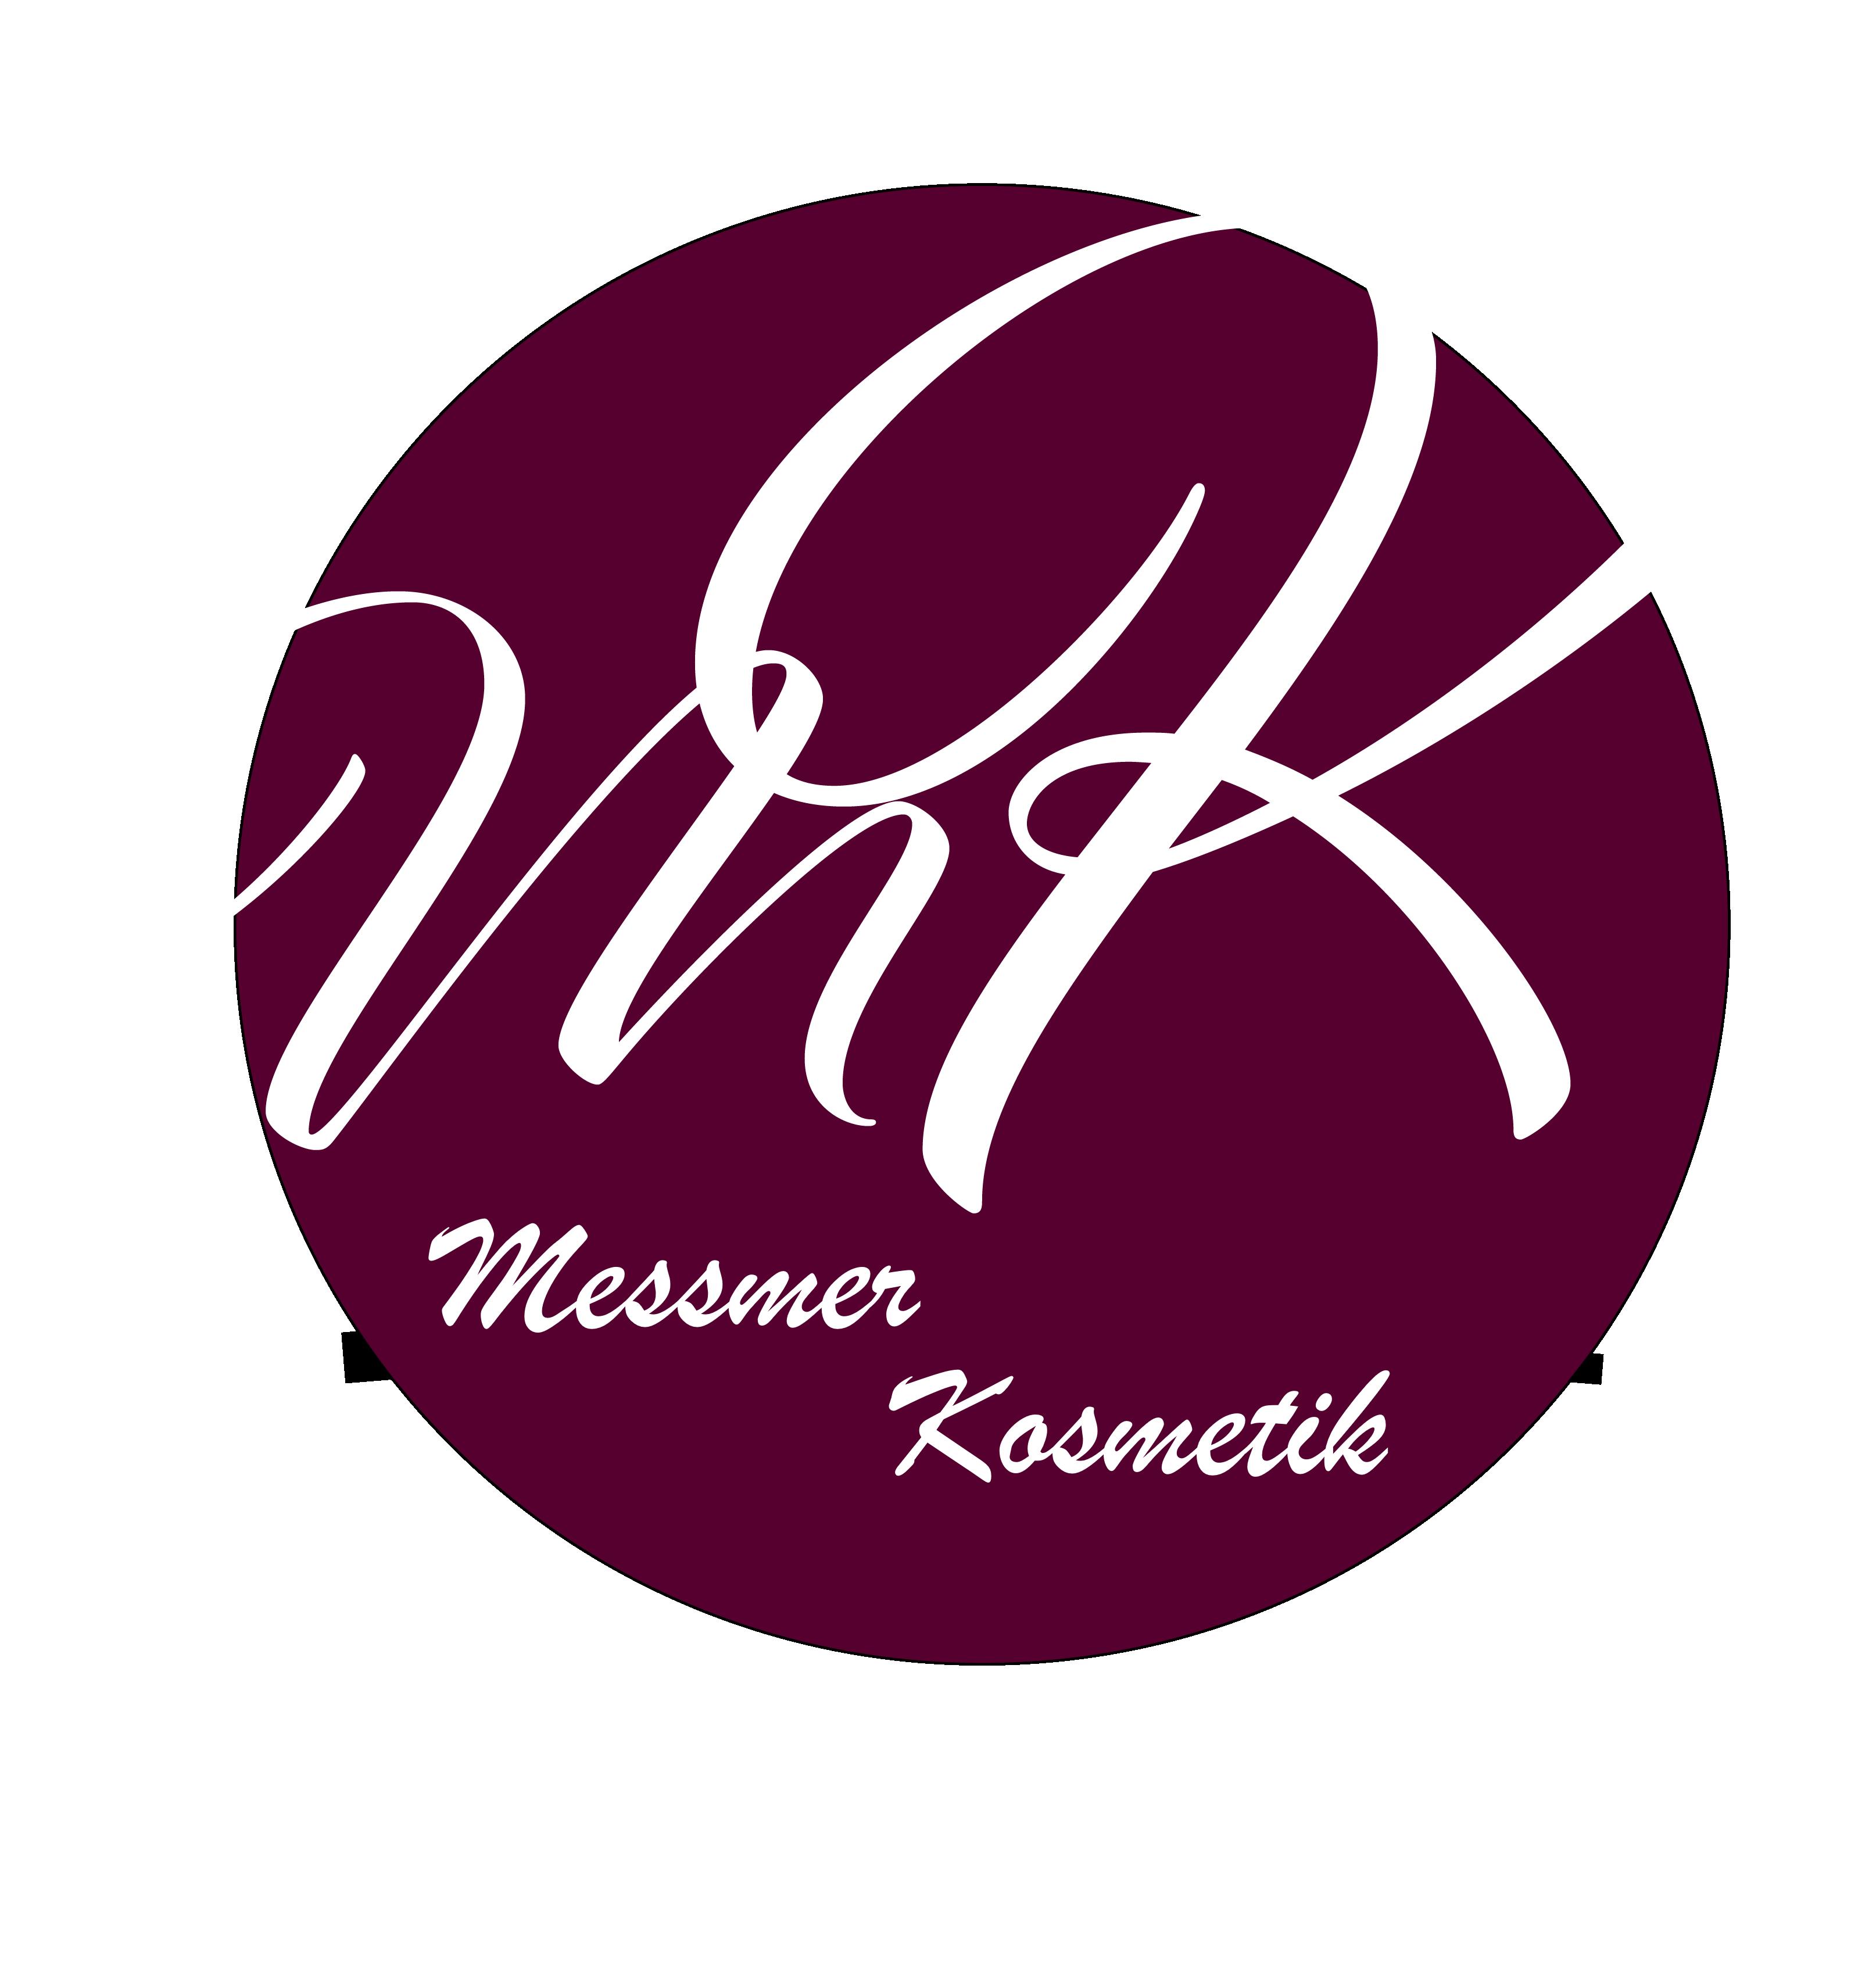 Messmer Kosmetik